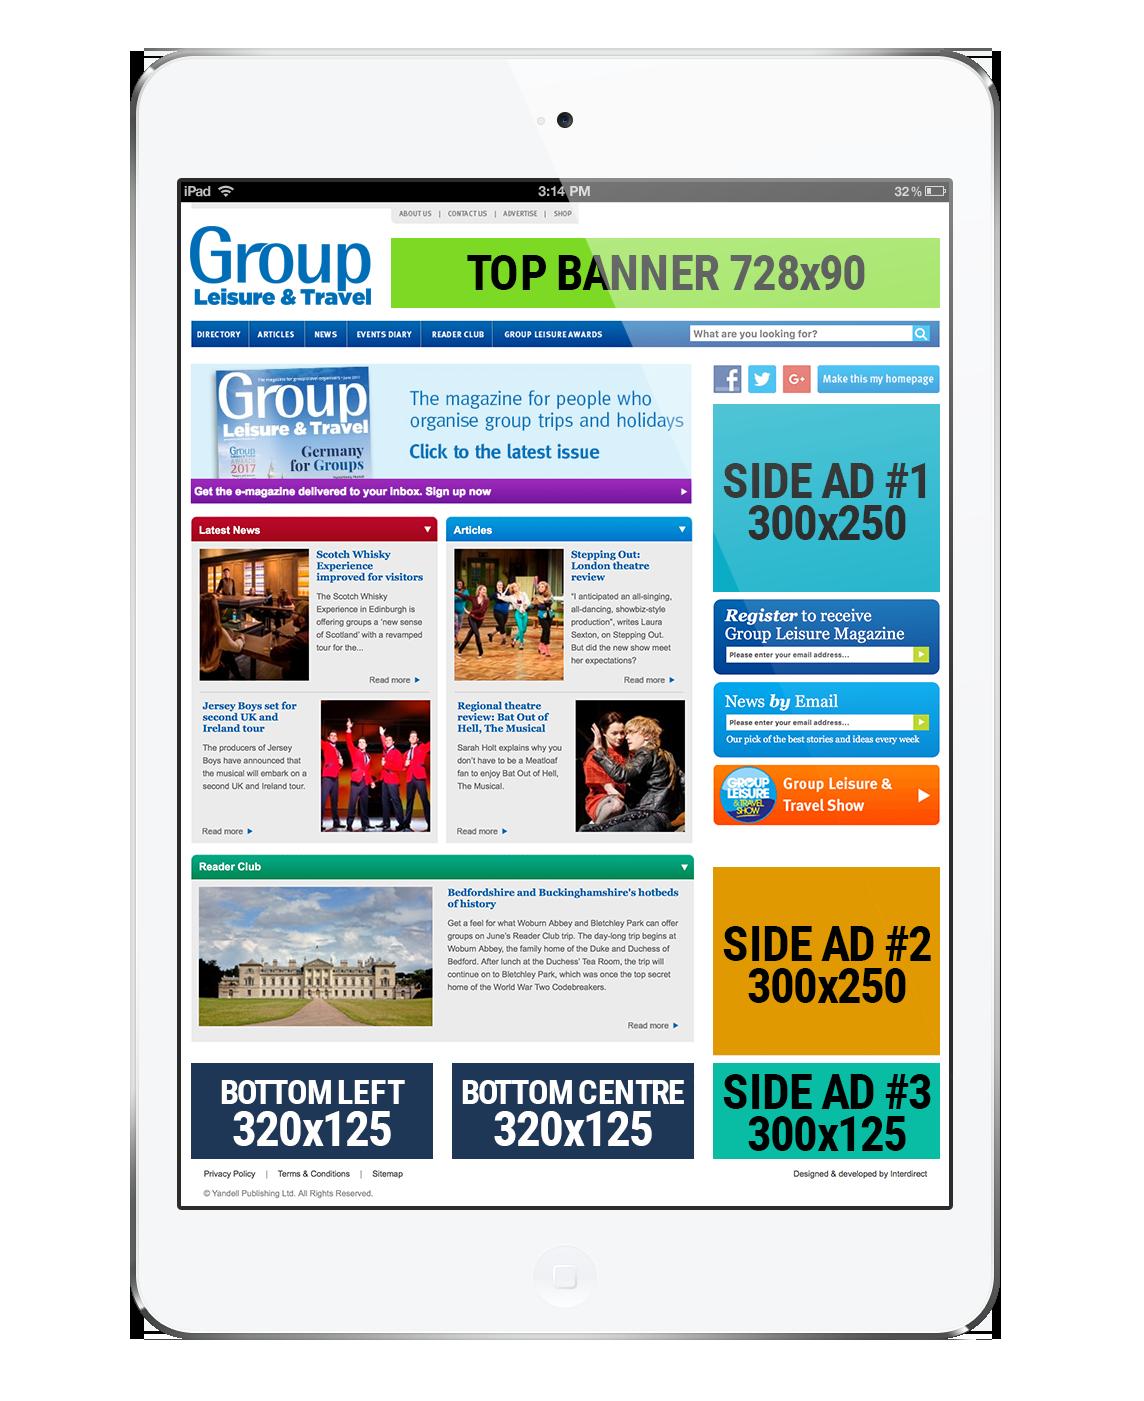 groupleisure.com website advertisement locations